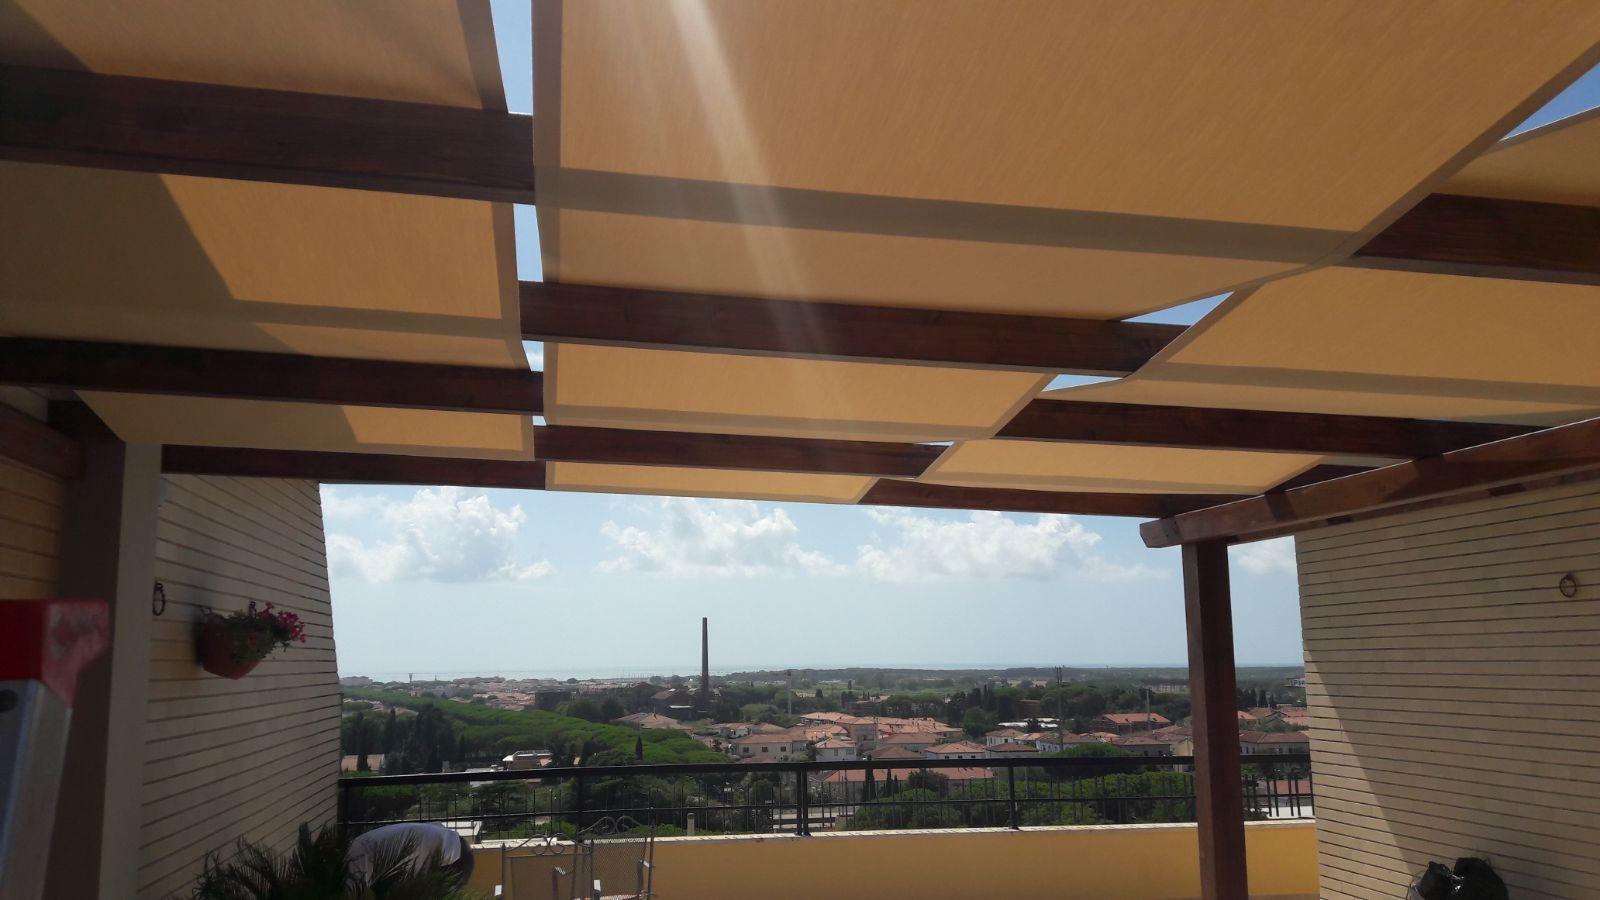 Come Chiudere Un Balcone Senza Permessi. Stunning Come Chiudere Un ...